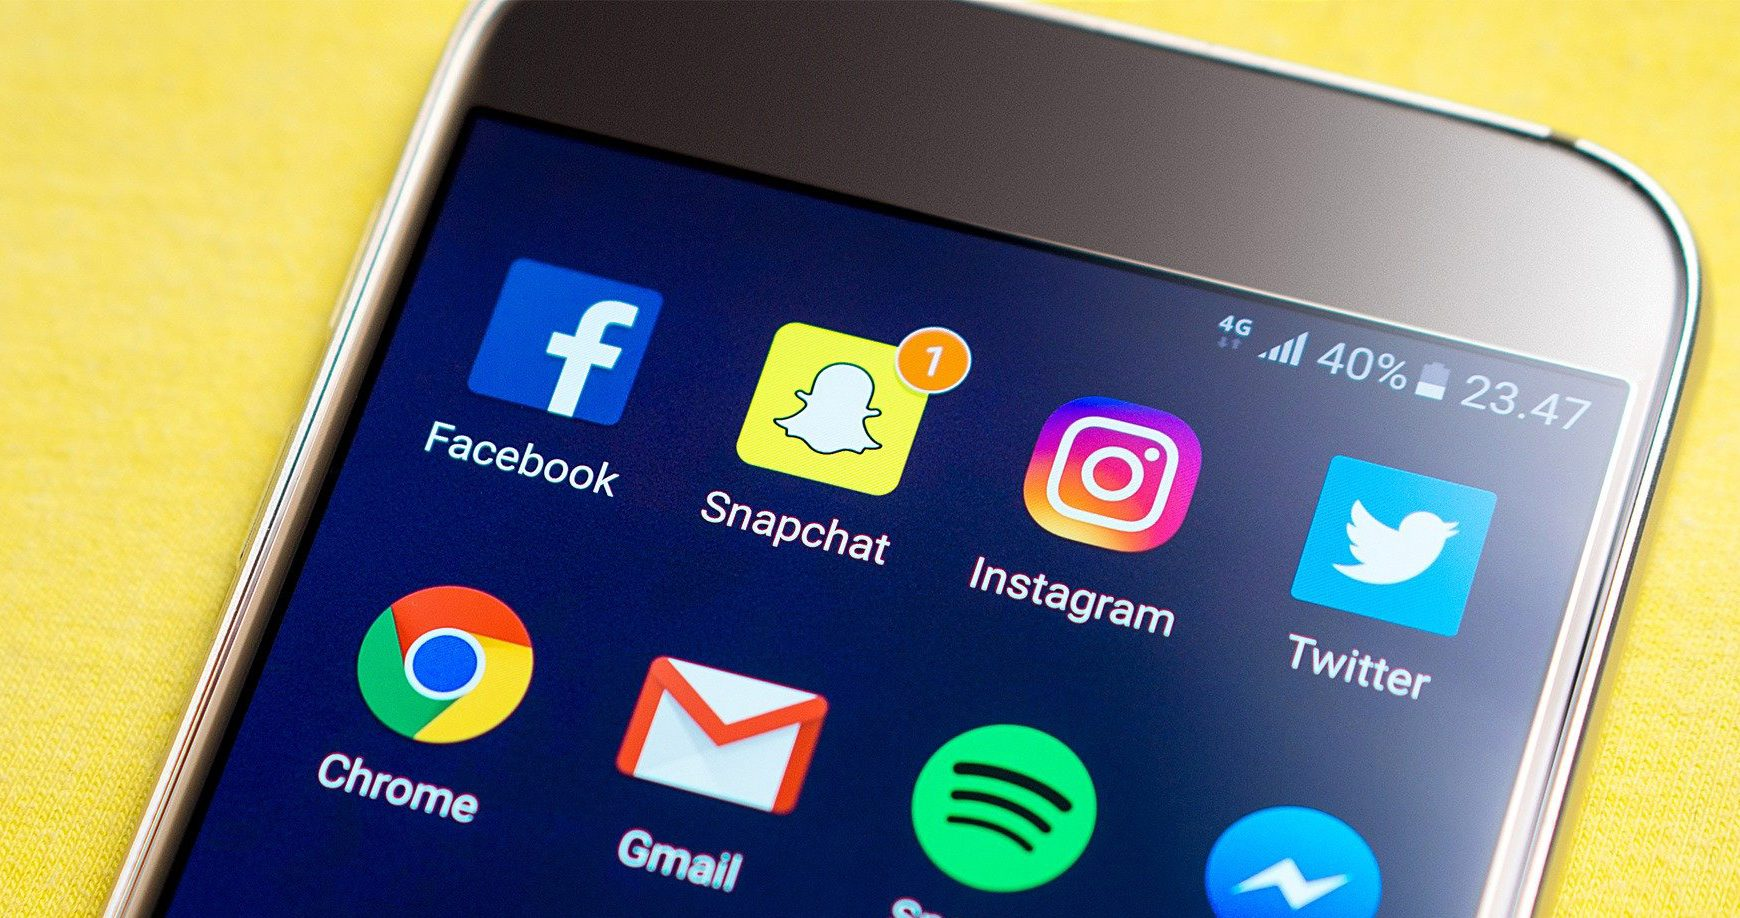 Aj Facebook sa dá heknúť, napísali hekeri cez oficiálne účty sociálnej siete